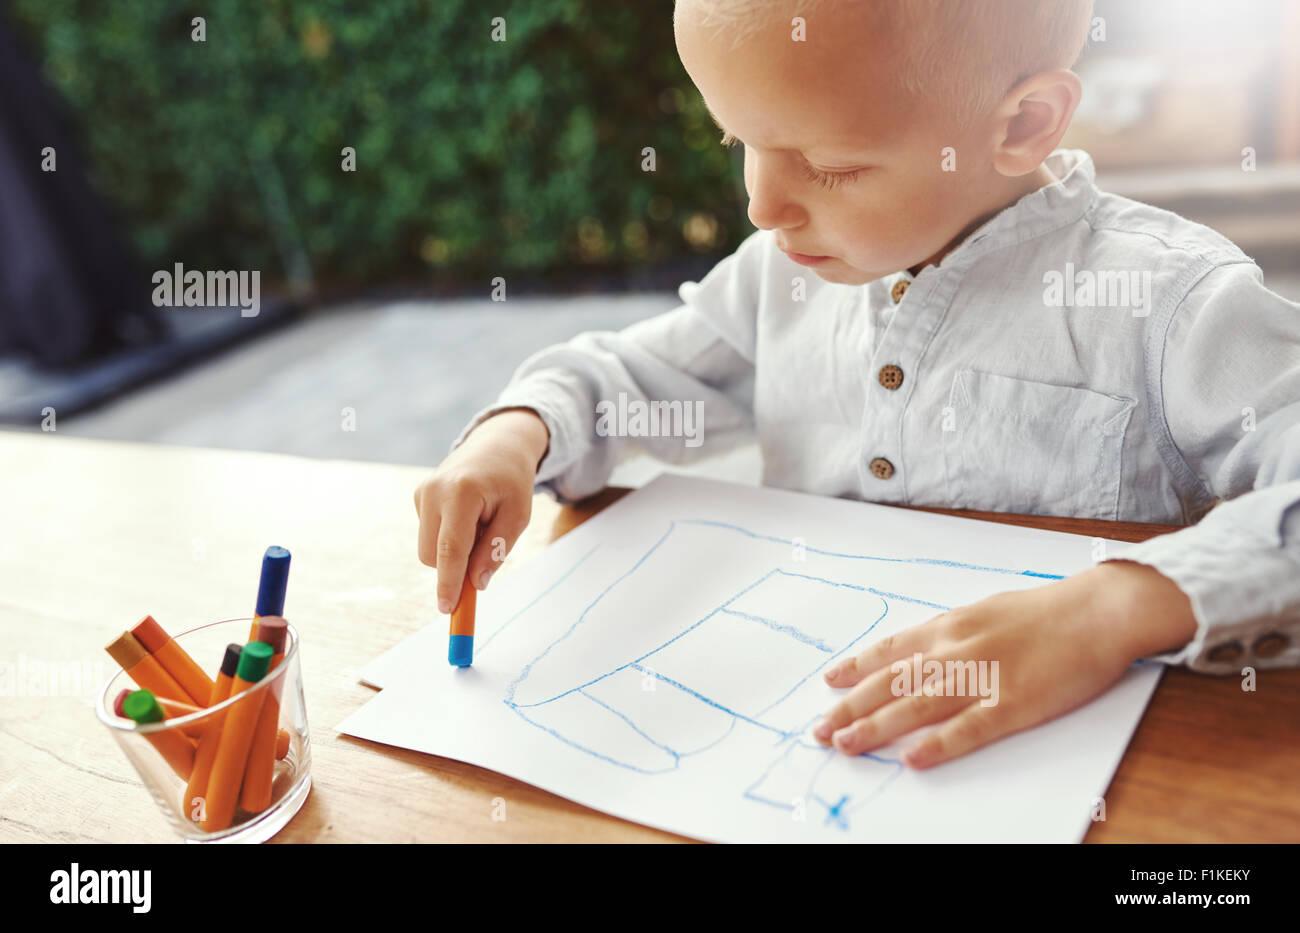 Pequeño niño entretener a sí mismo en un caluroso día de verano de pie en una tabla en un patio Imagen De Stock